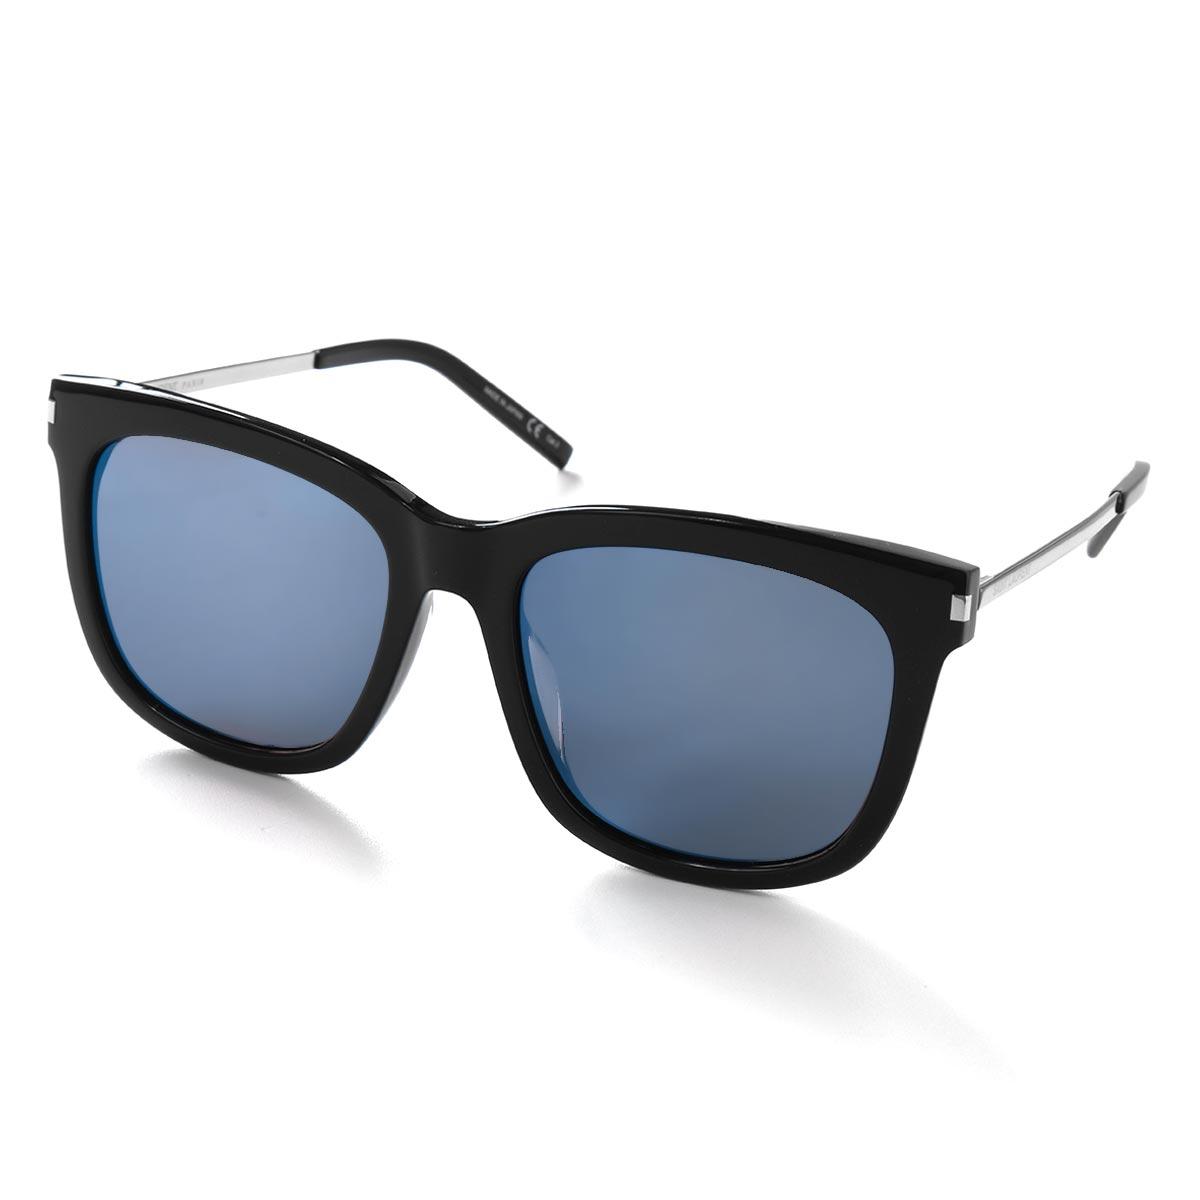 サンローランパリ イヴサンローラン サングラス メンズ ウェリントン ブラック&シルバー&ブルー SL 26 K 001 KOR SAINT LAURENT PARIS